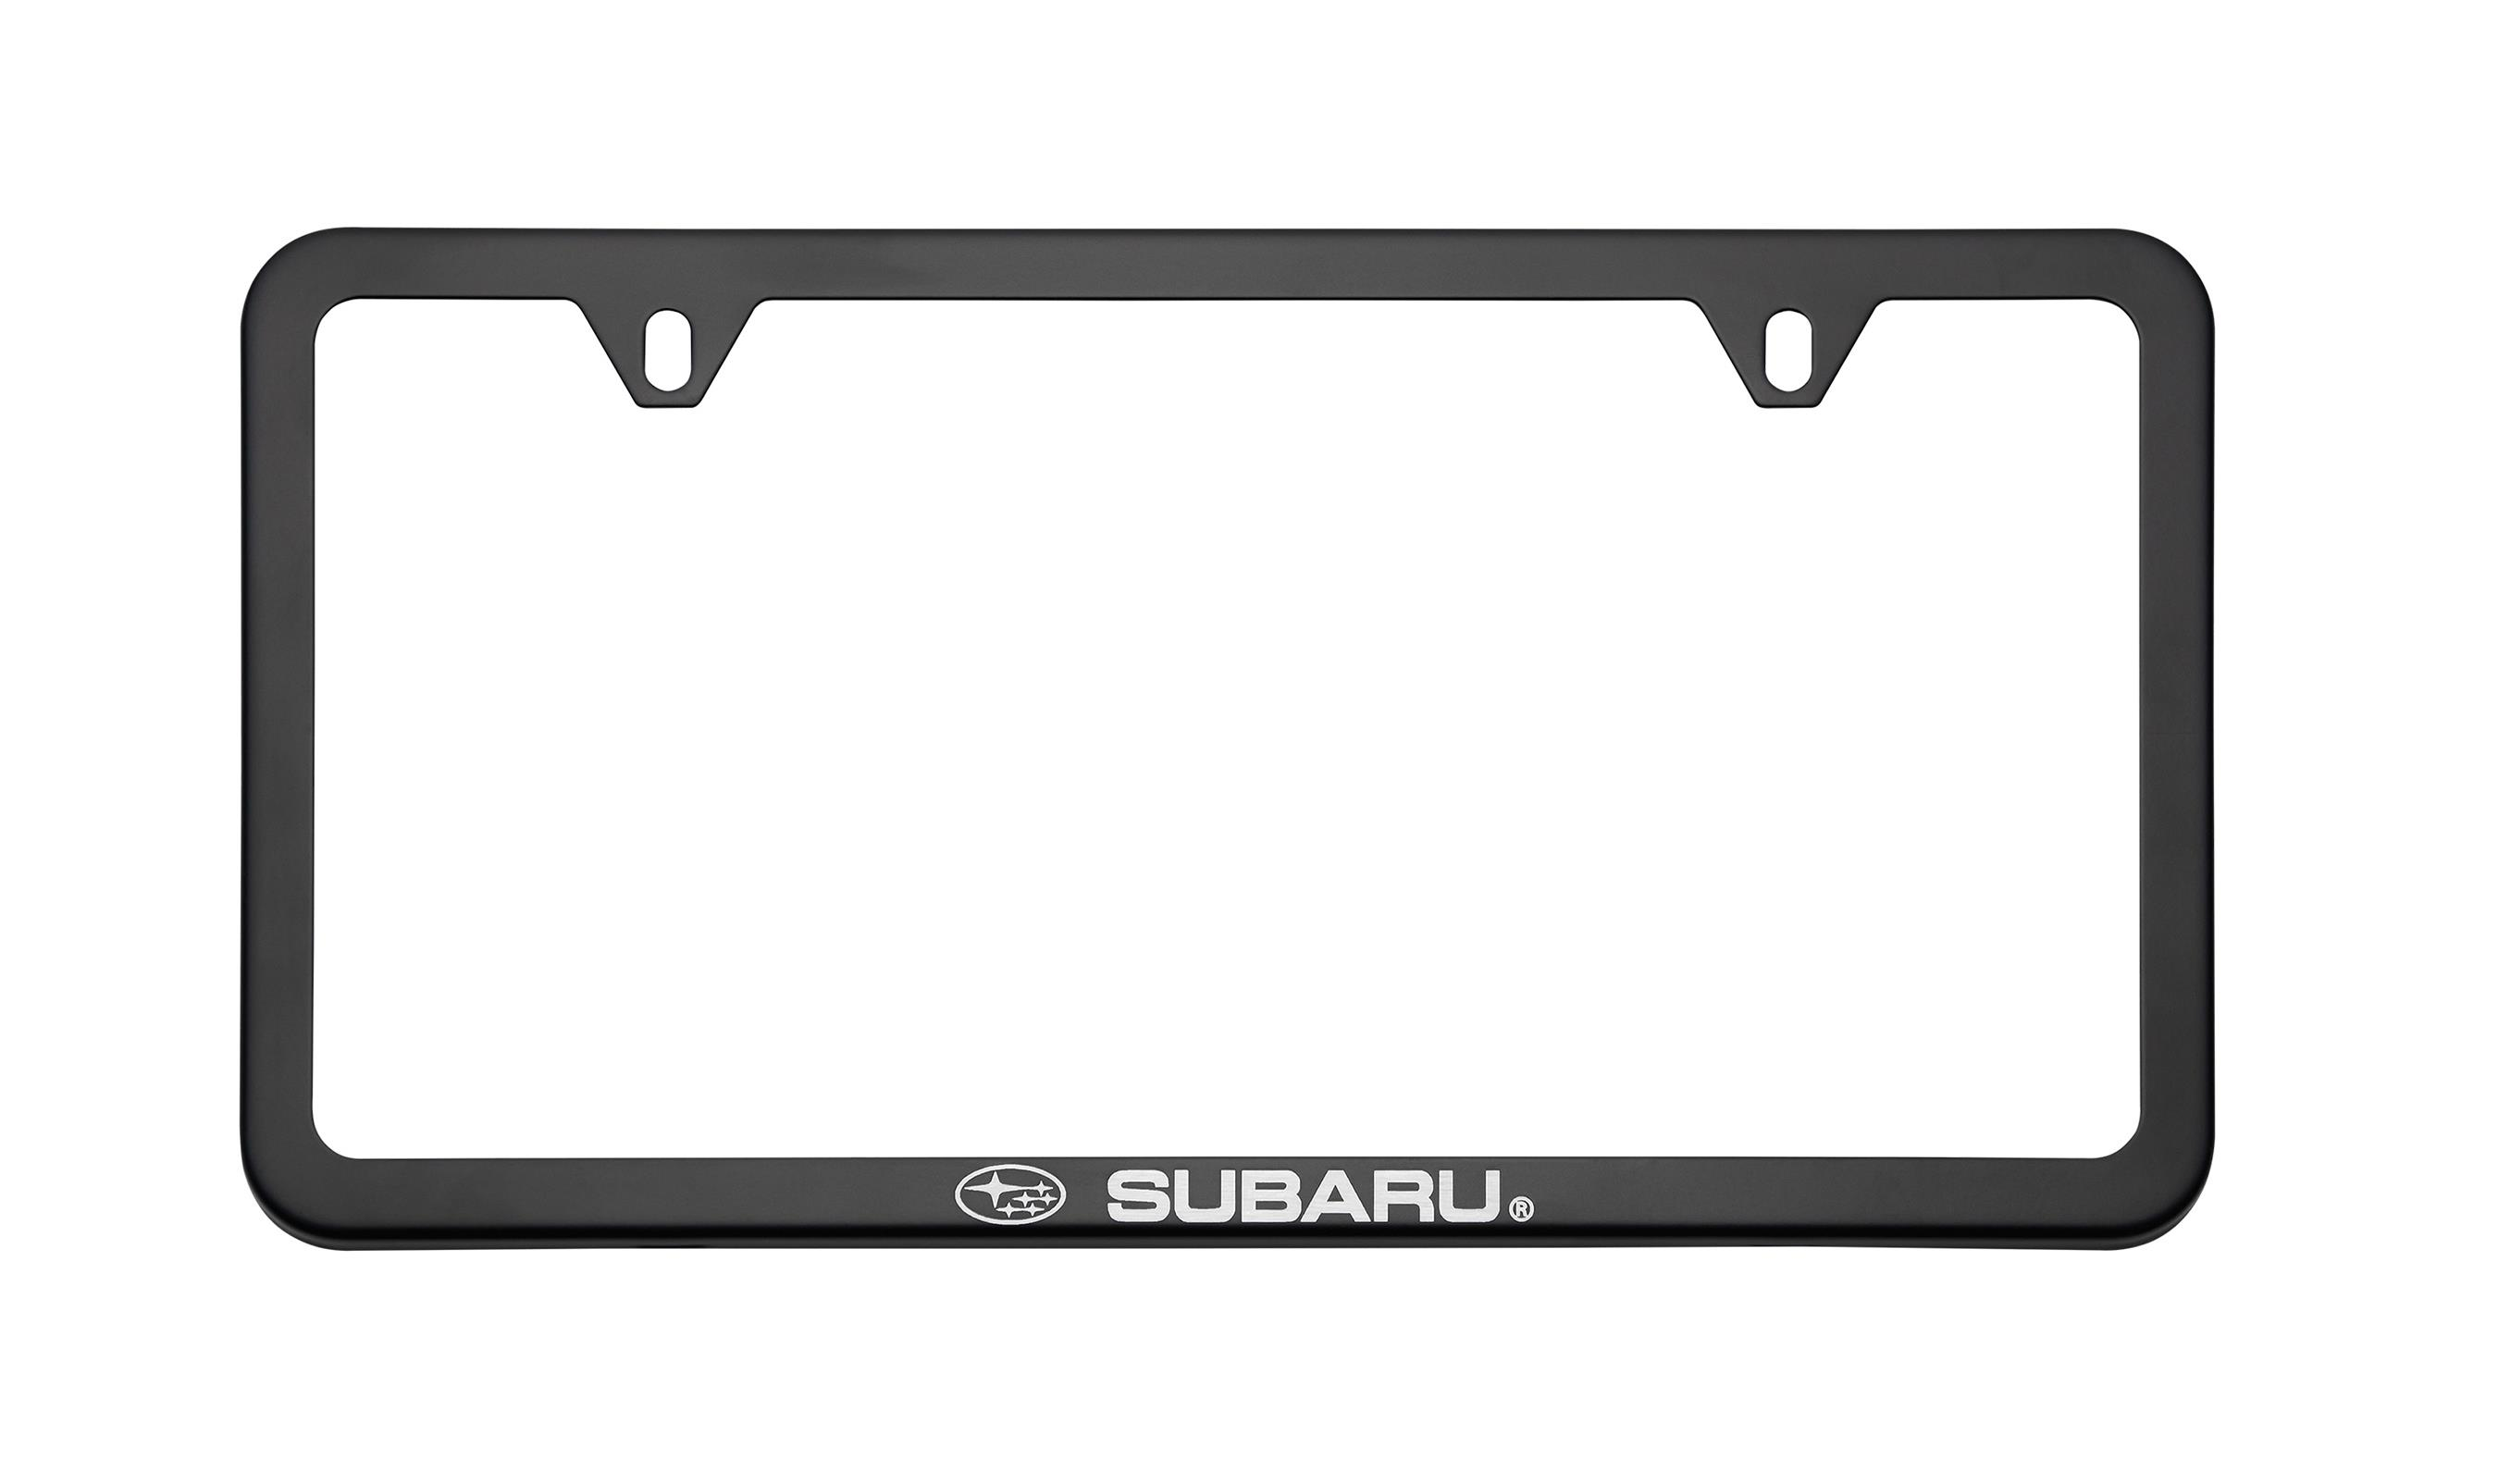 Shop Genuine 2016 Subaru Crosstrek Accessories From